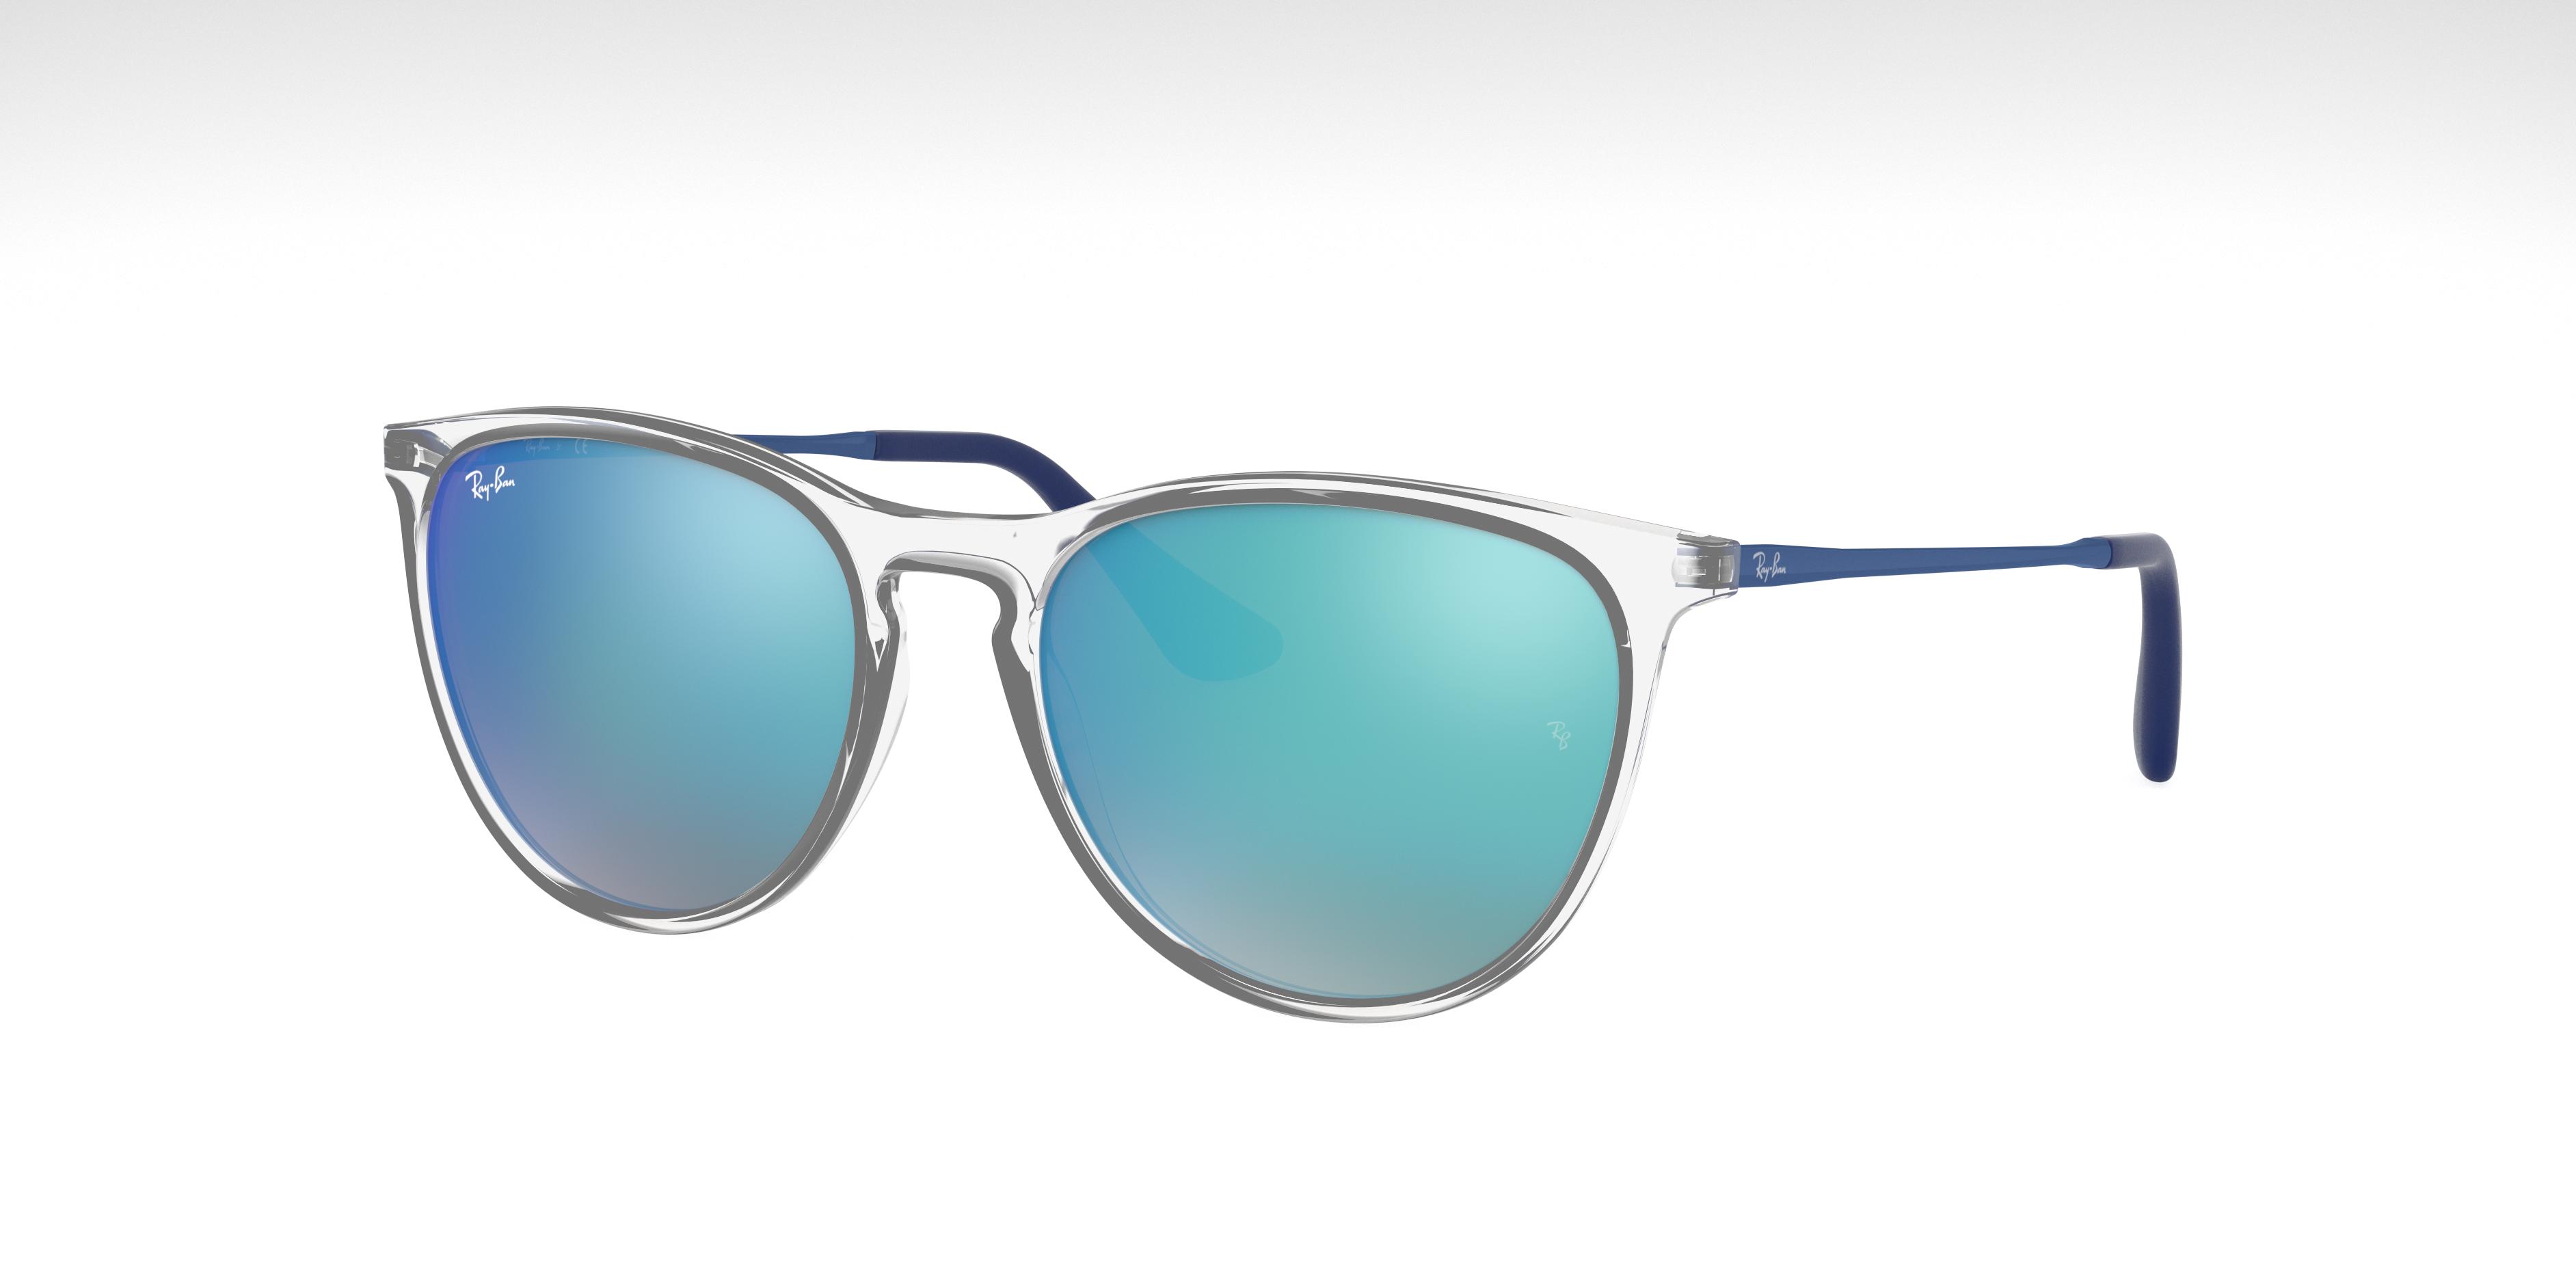 Ray-Ban Izzy Blue, Blue Lenses - RJ9060S